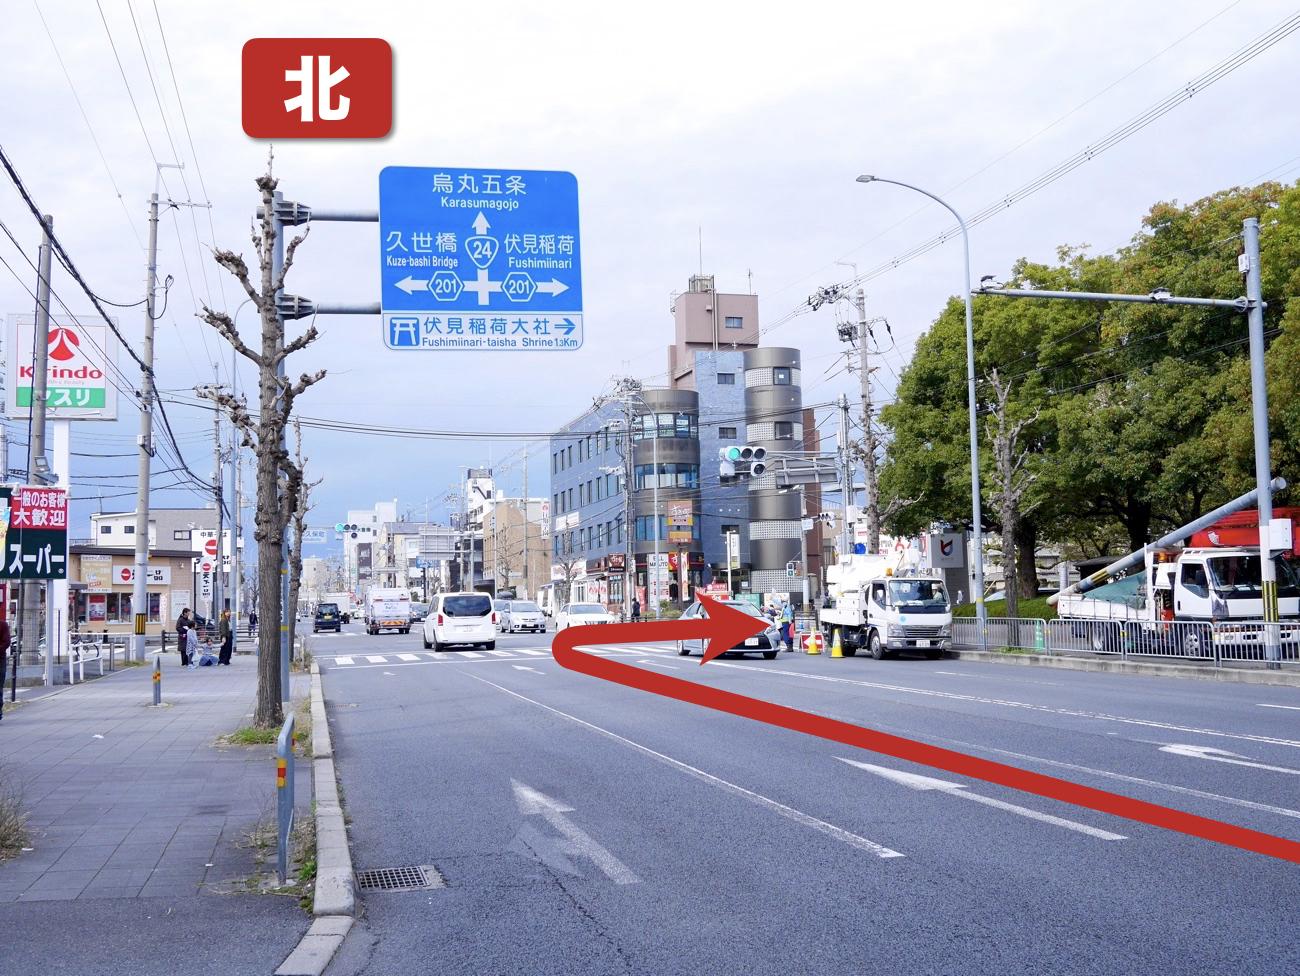 「竹田久保町」の交差点を右折